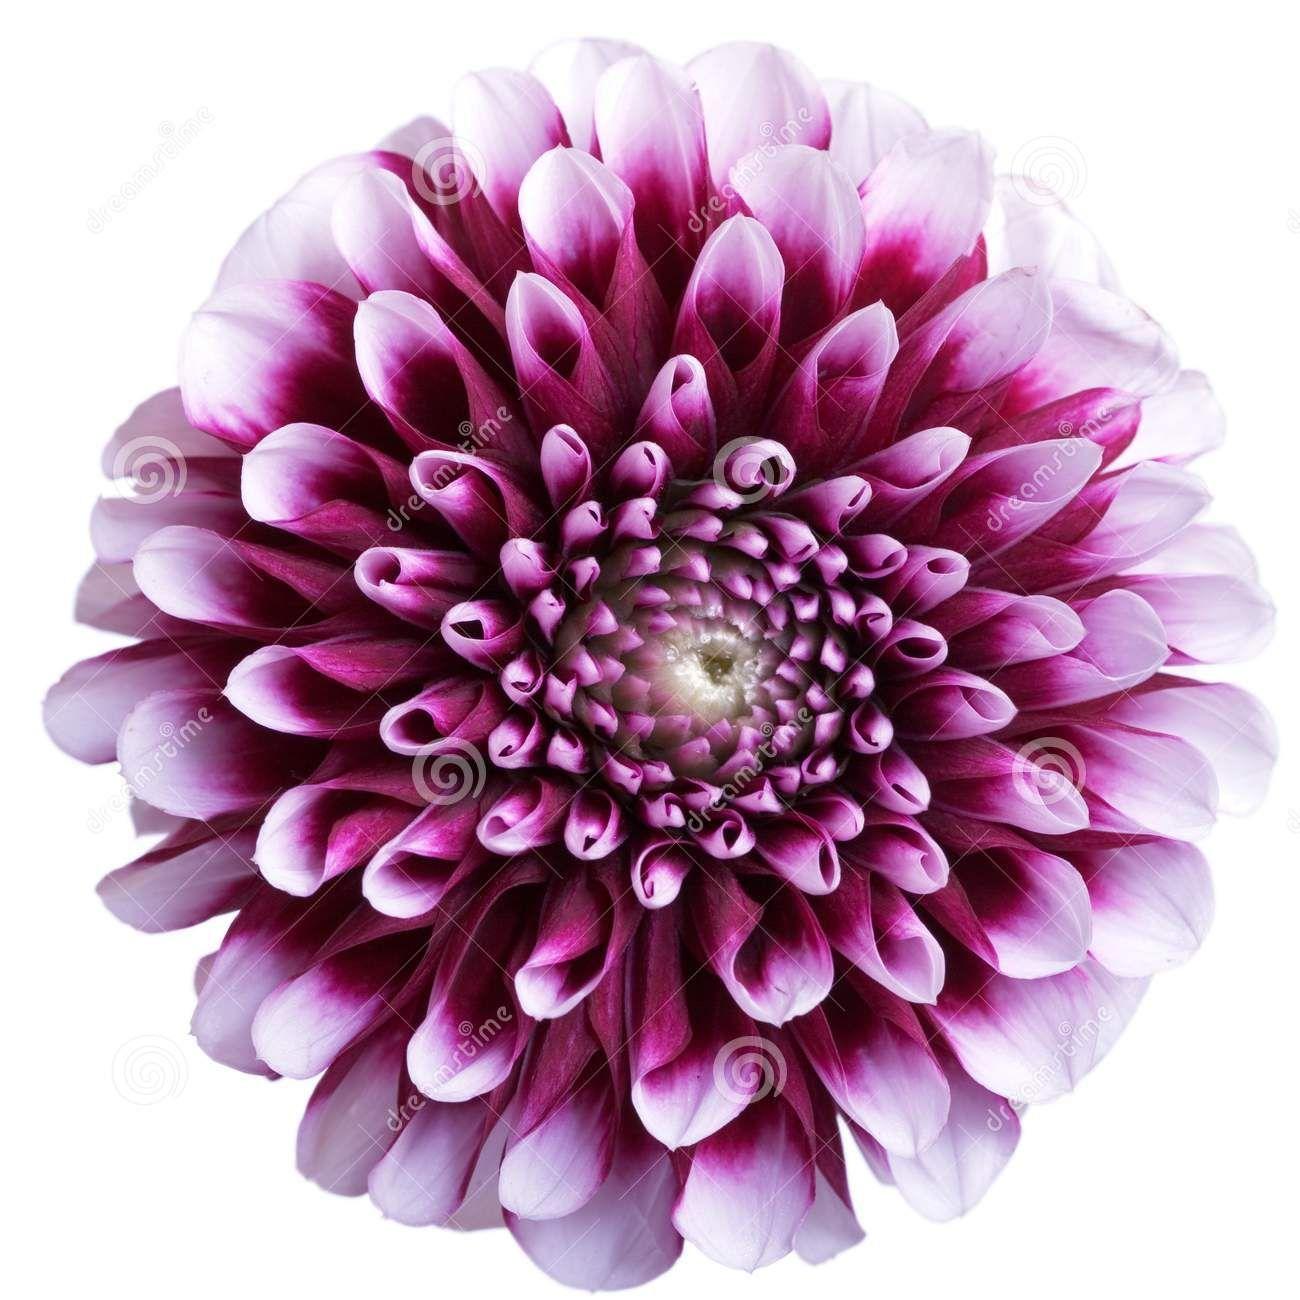 Aster Flower Purple Aster Flower On White September For Brandon